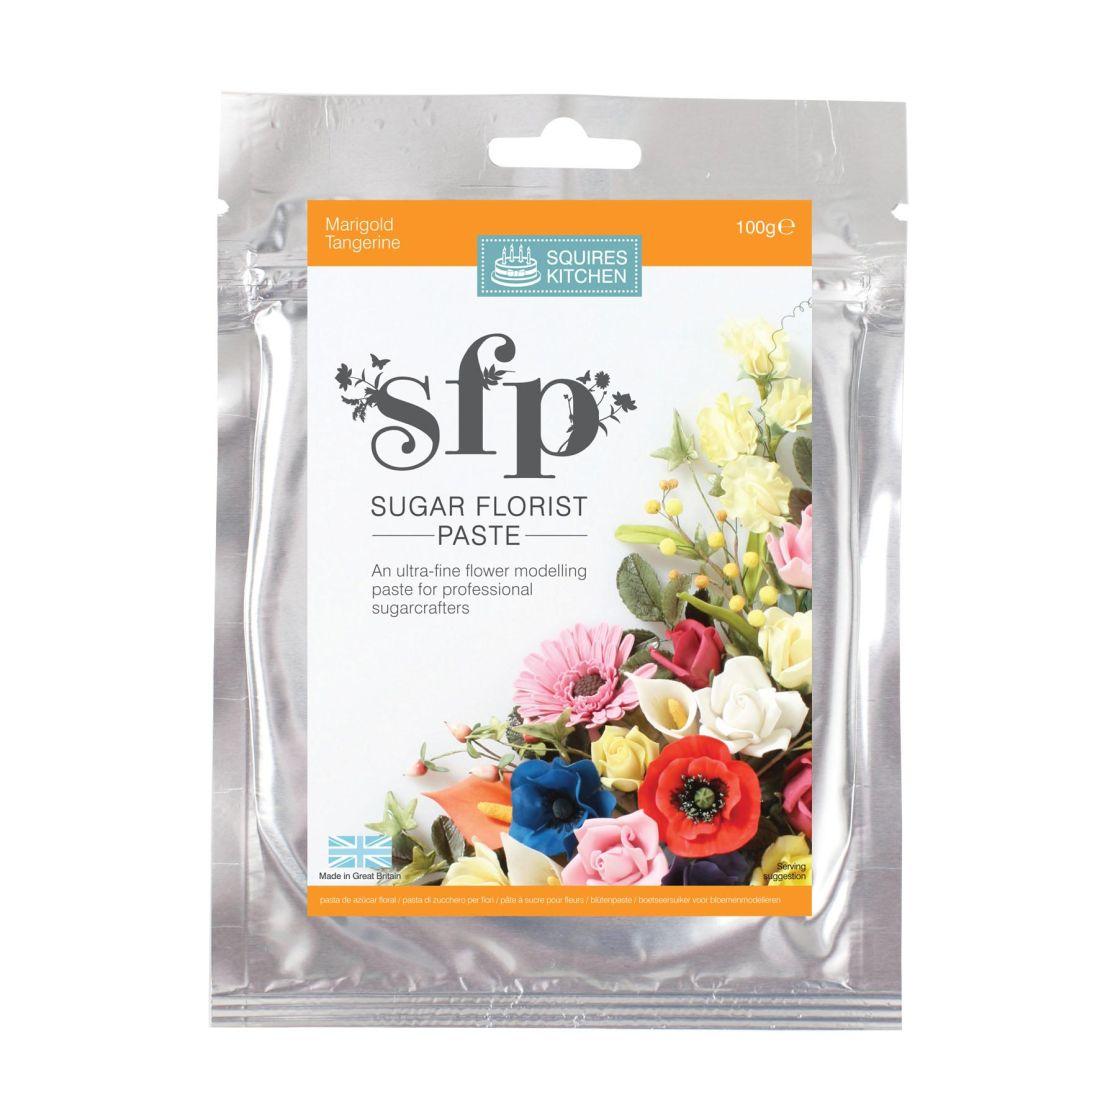 SK SFP Sugar Florist Paste Marigold (Tangerine) 100g | Squires ...